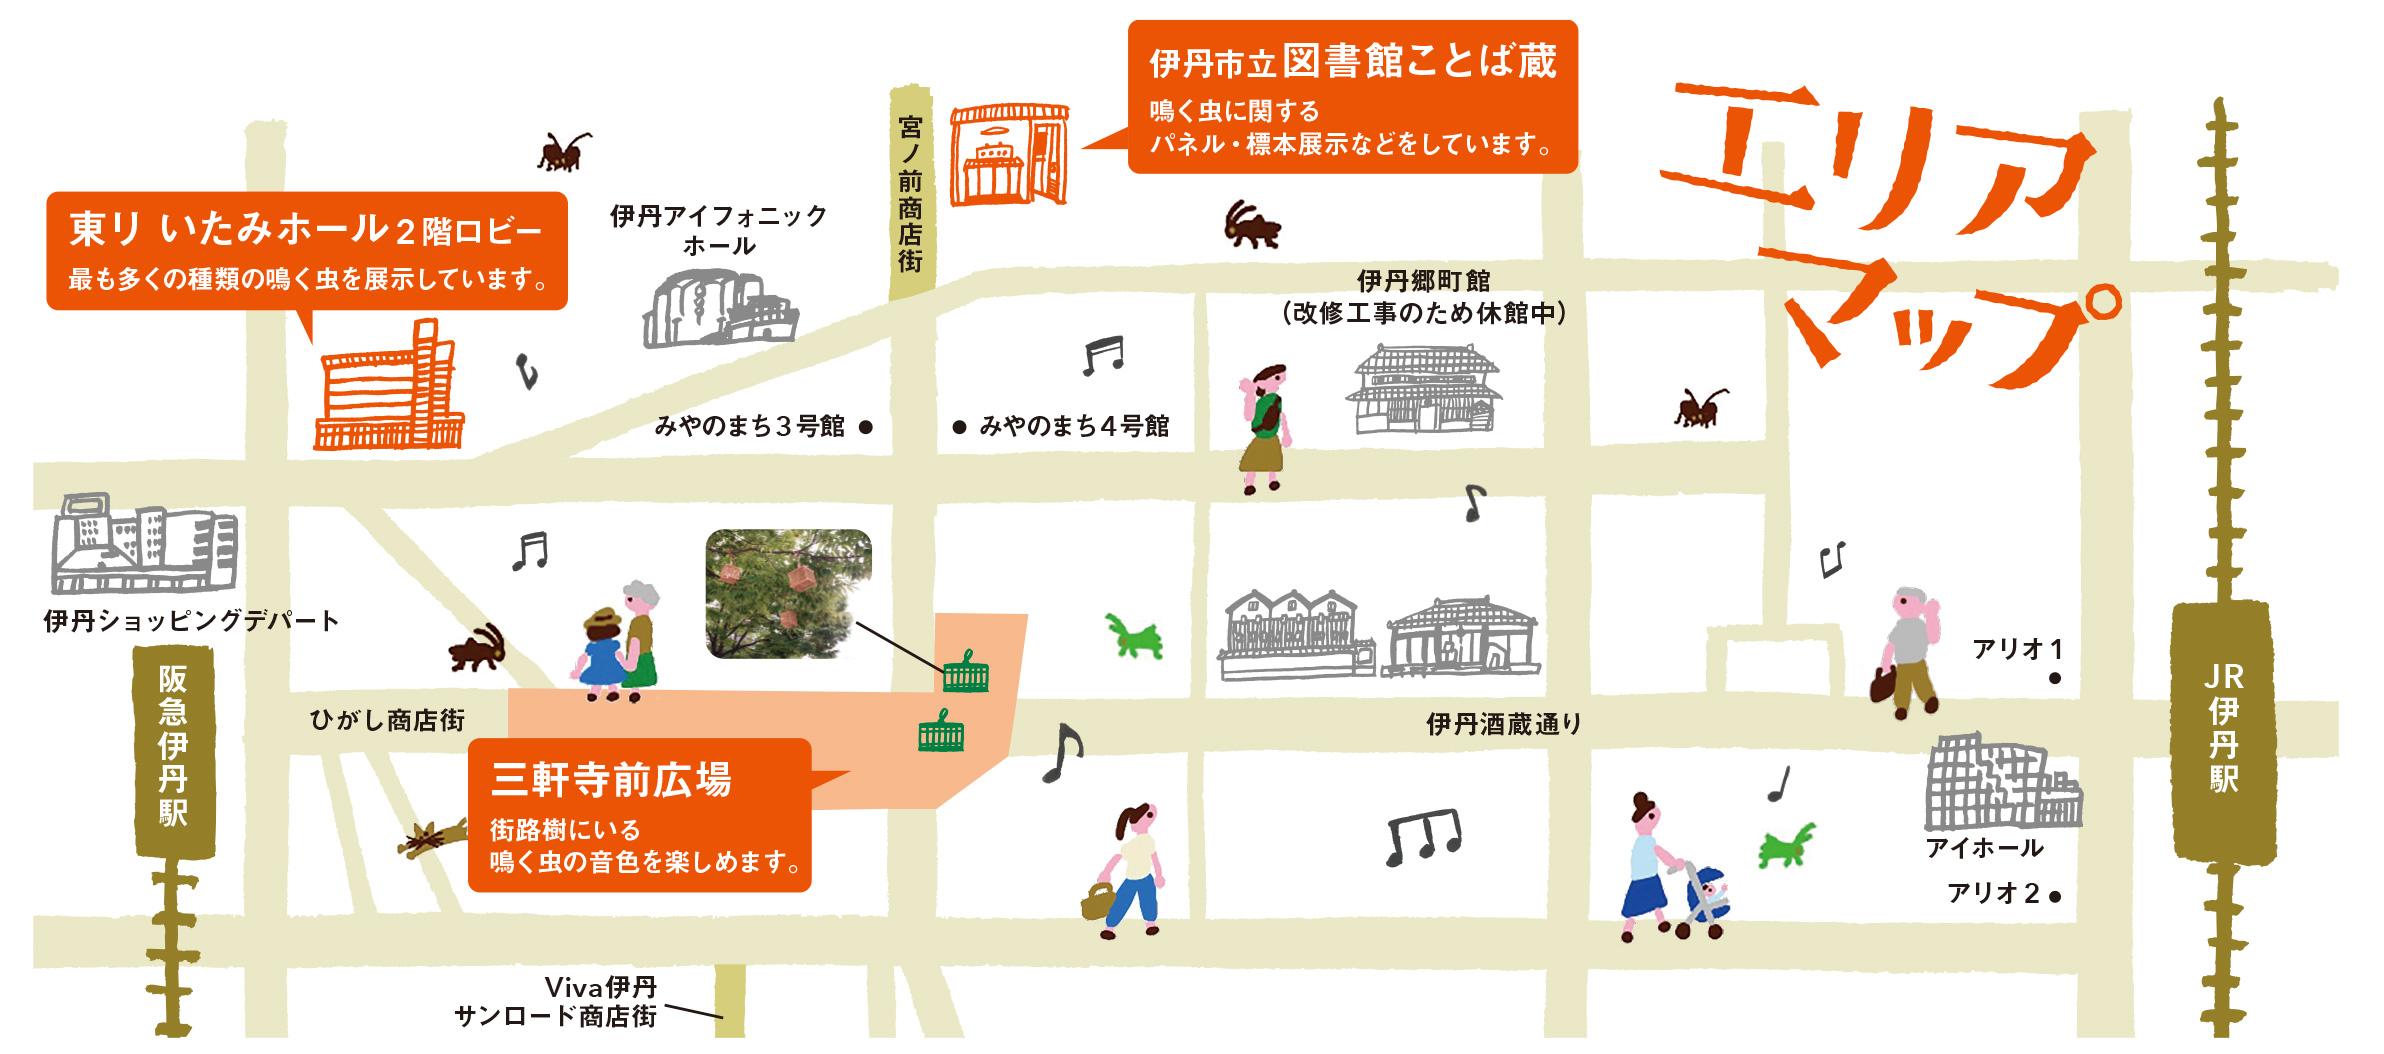 鳴く虫と郷町エリアマップ